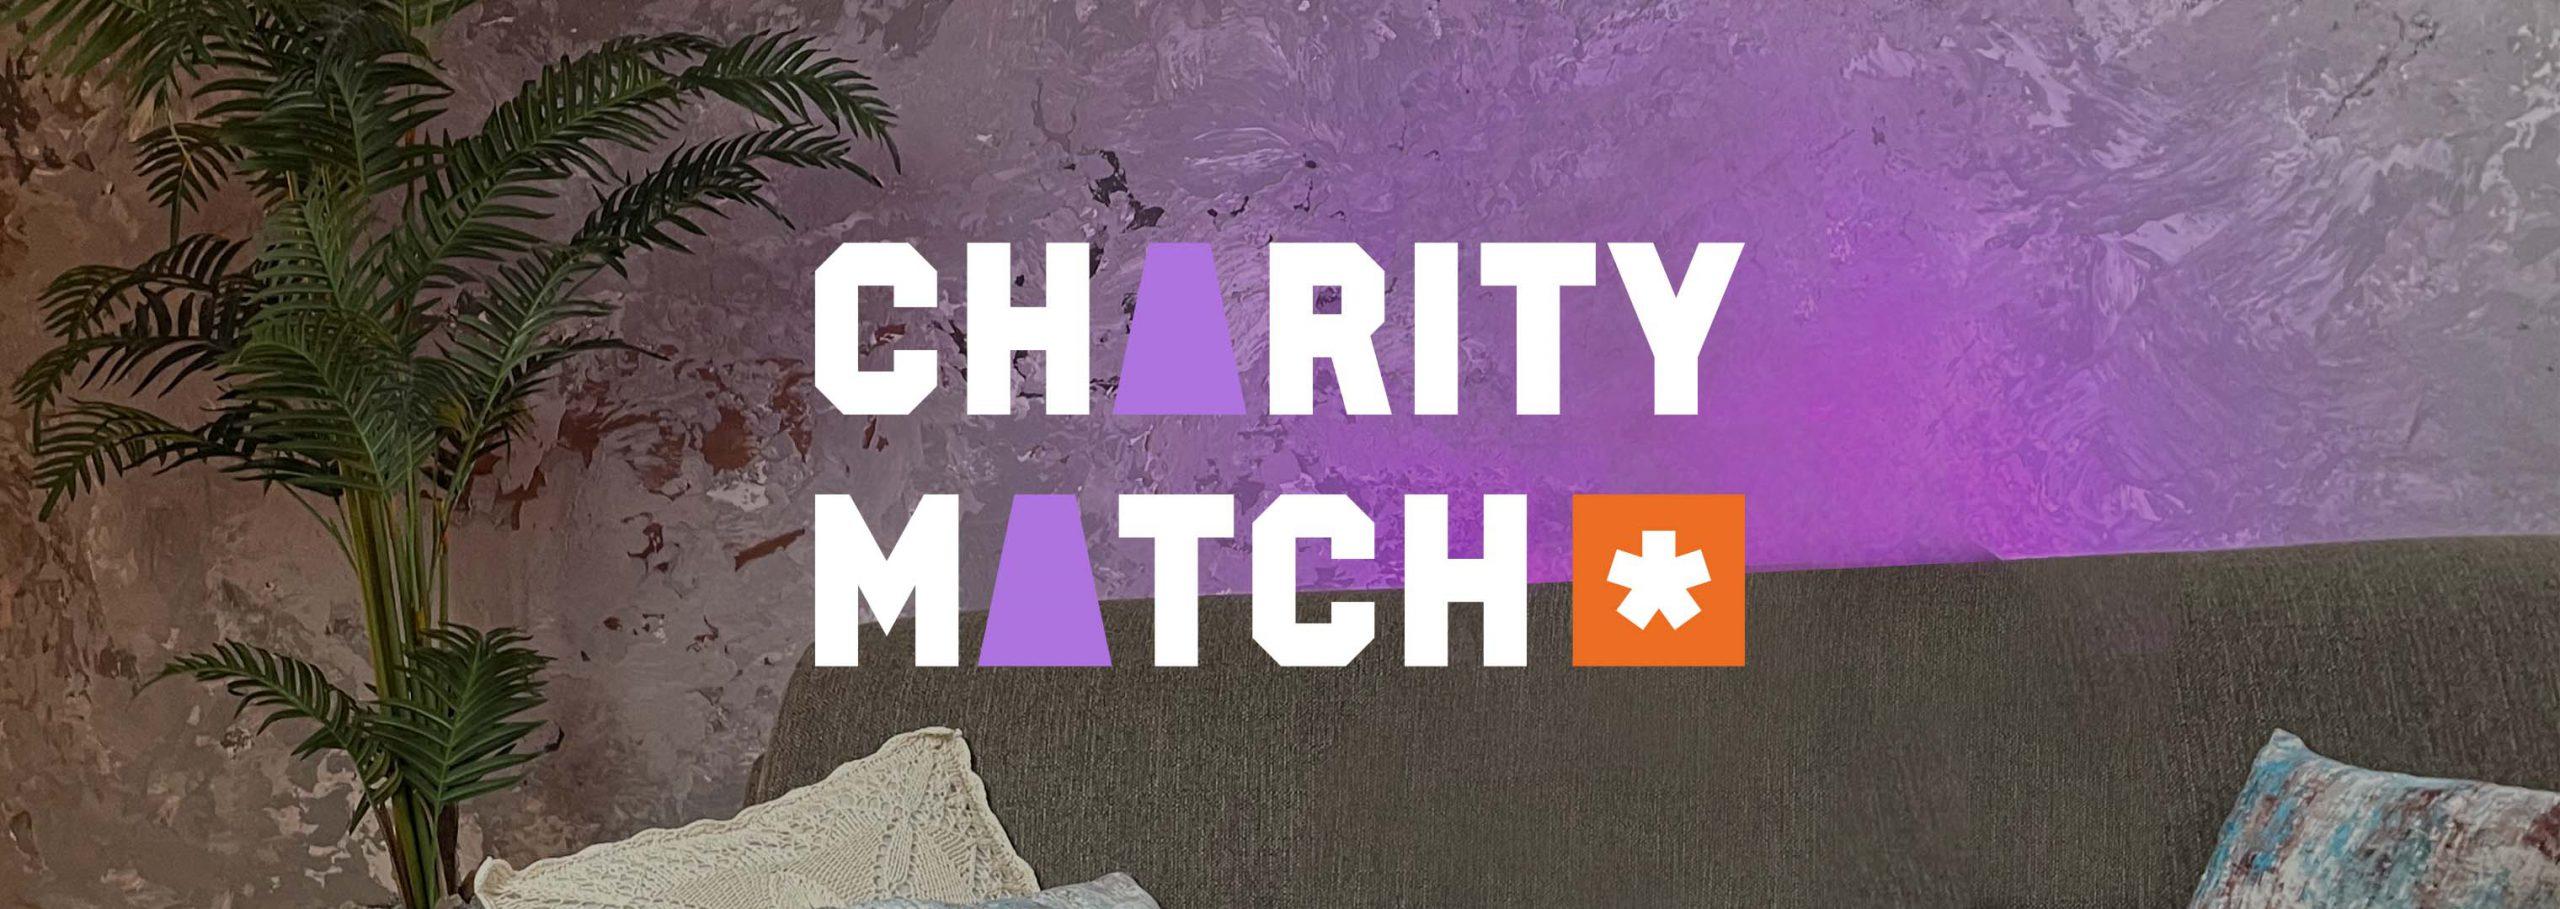 Результати навчання Charity Match: відгуки учасників